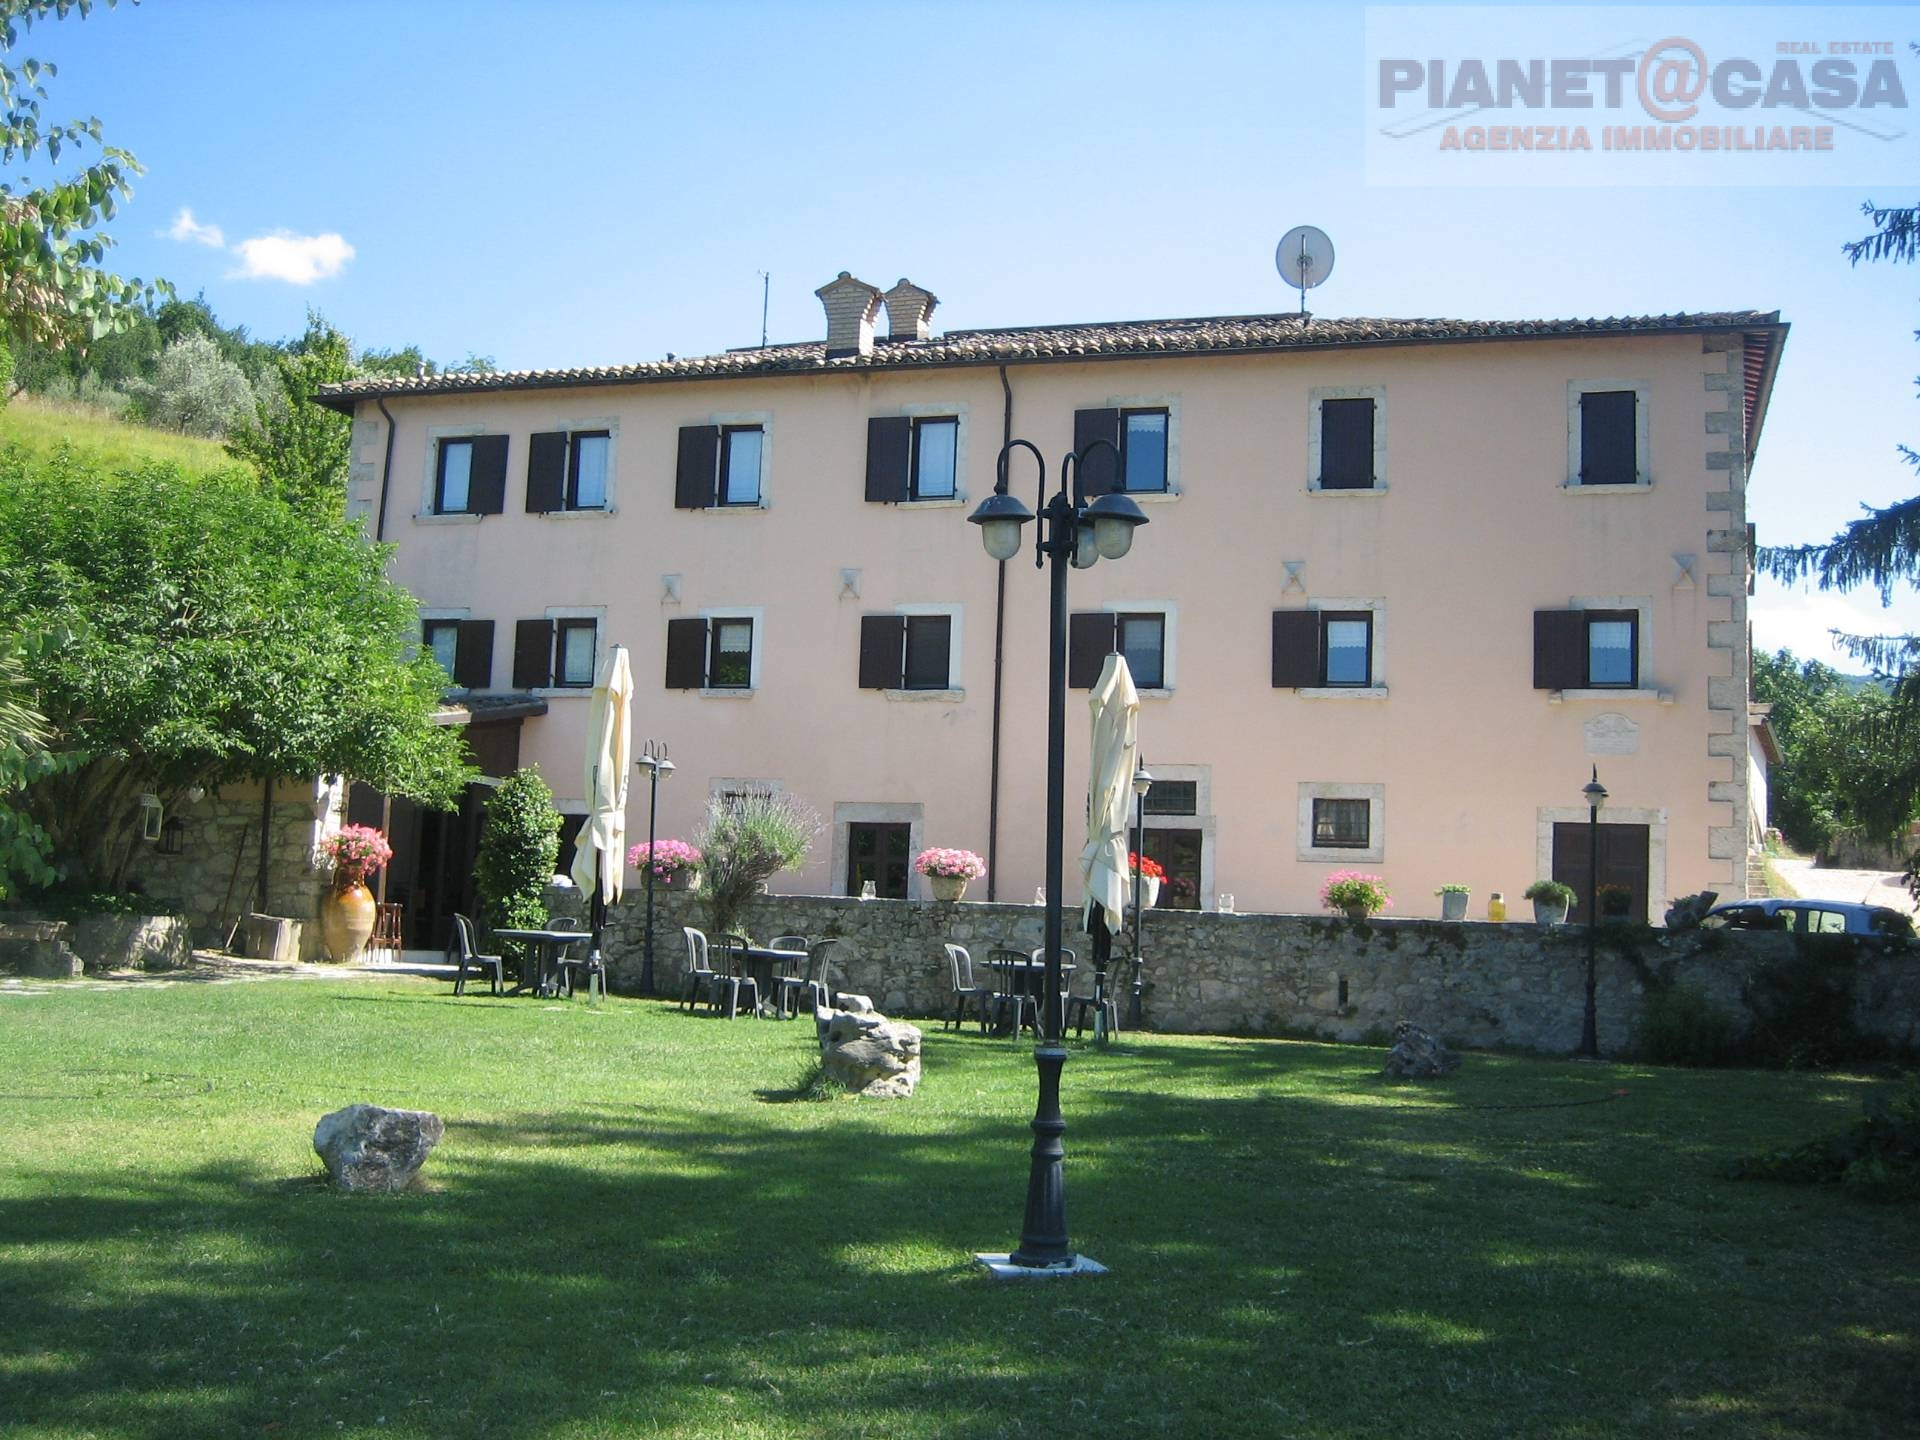 Albergo in vendita a Ascoli Piceno, 9999 locali, Trattative riservate | CambioCasa.it